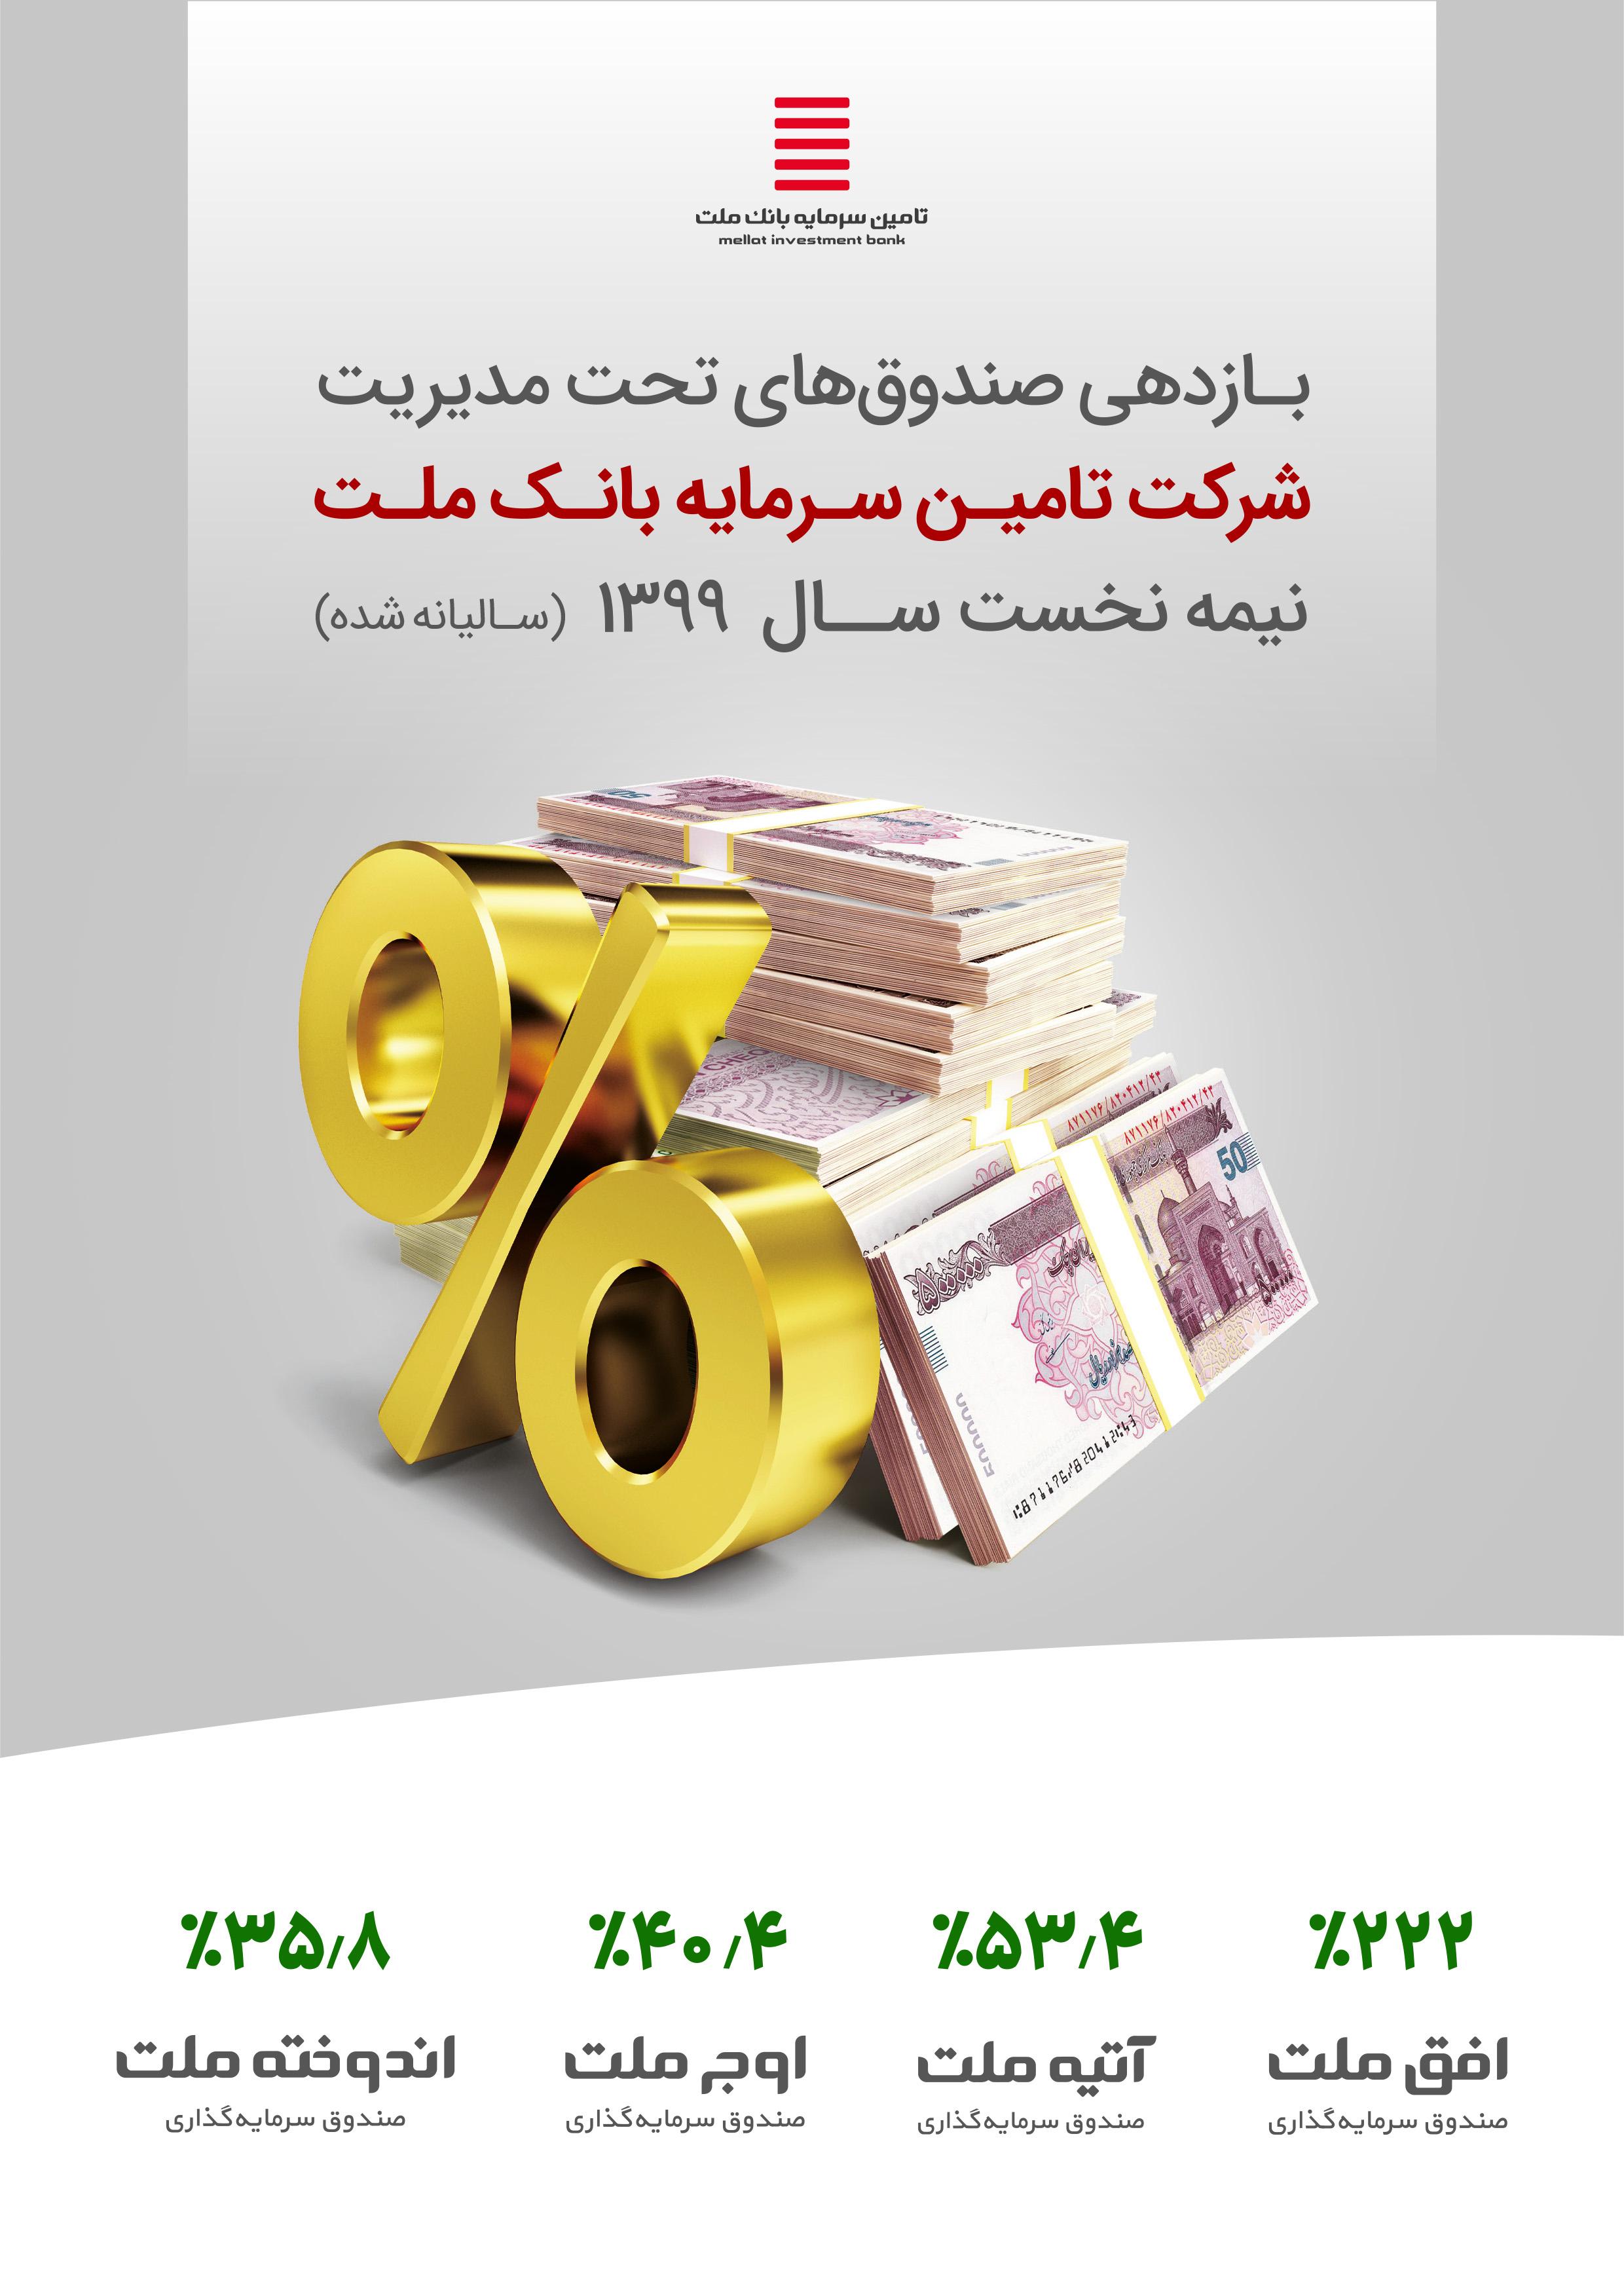 تامین سرمایه بانک ملت